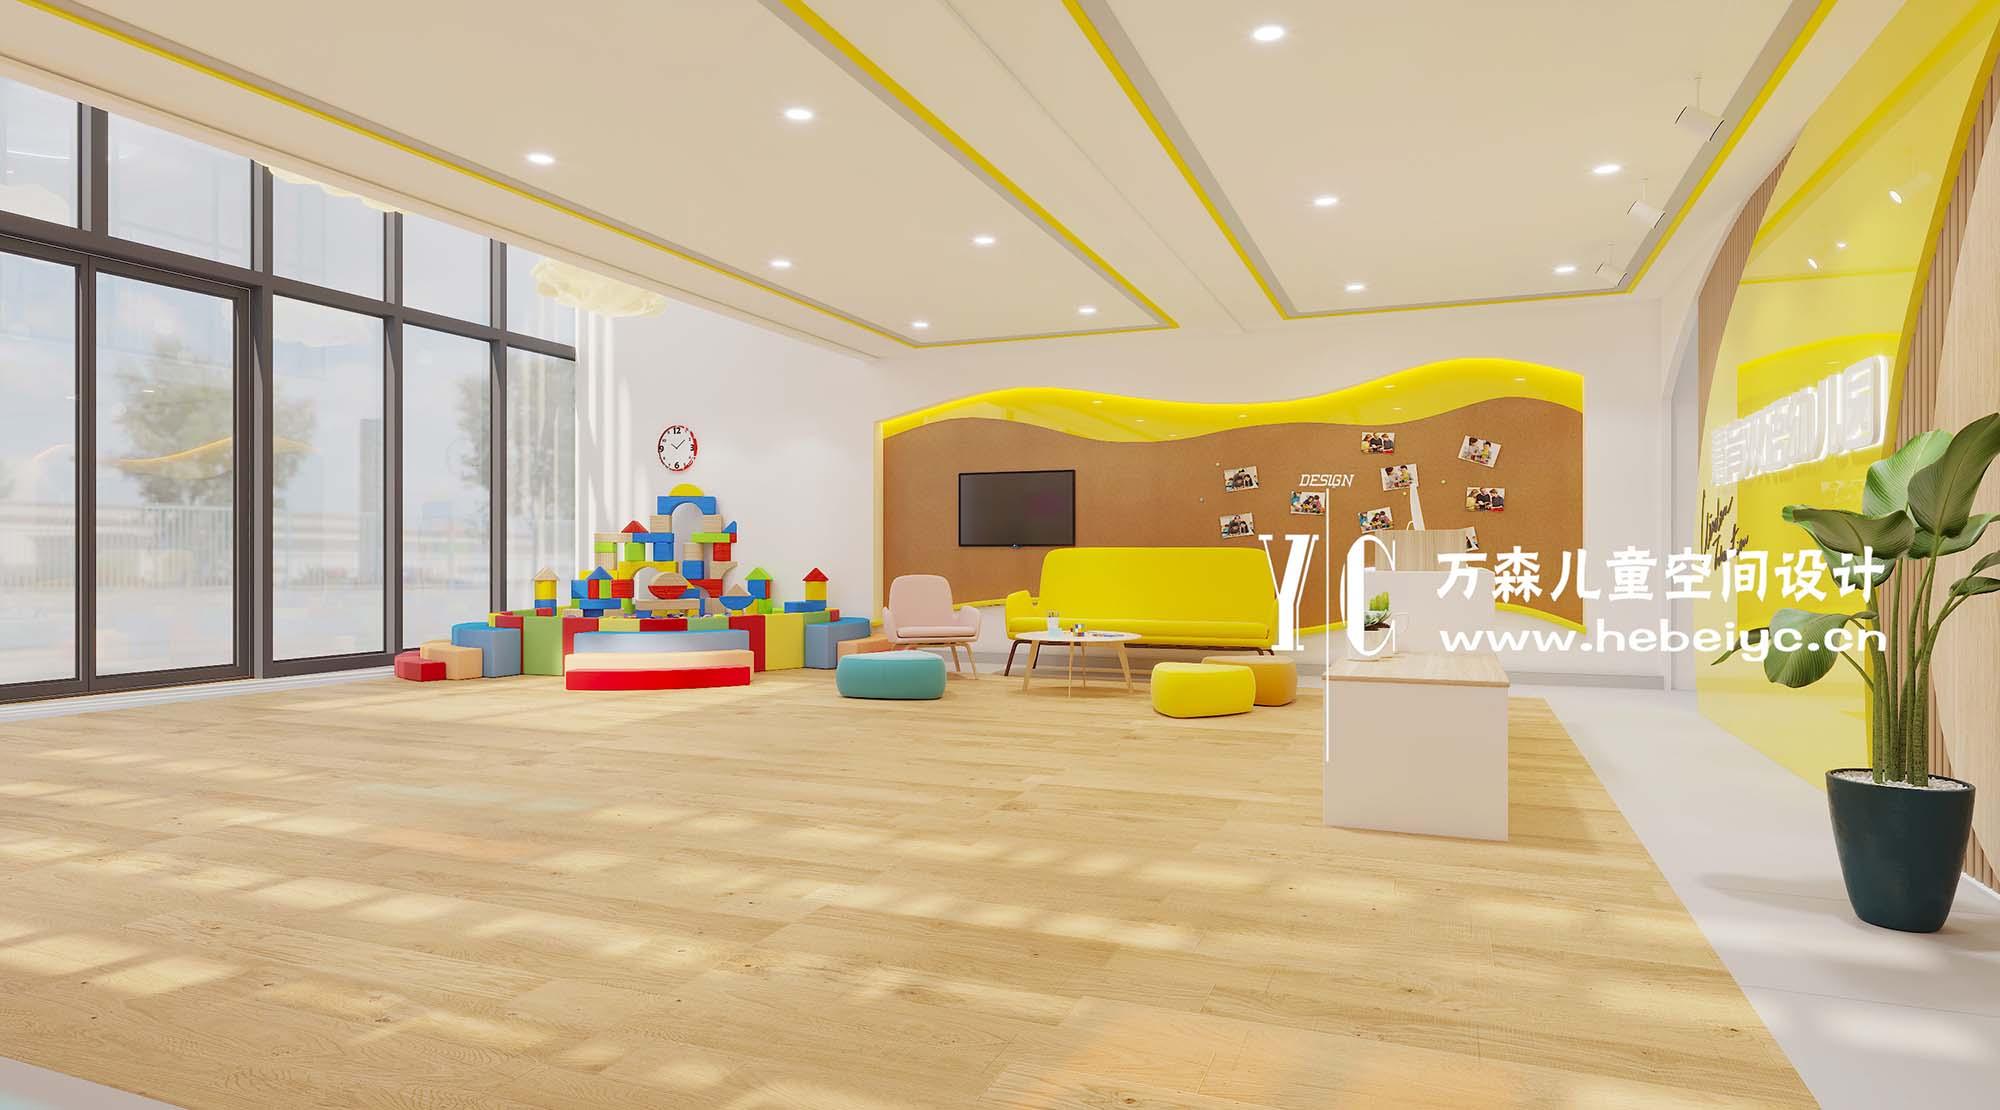 保定 幼儿园设计 幼儿园改造设计 幼儿园设计大图